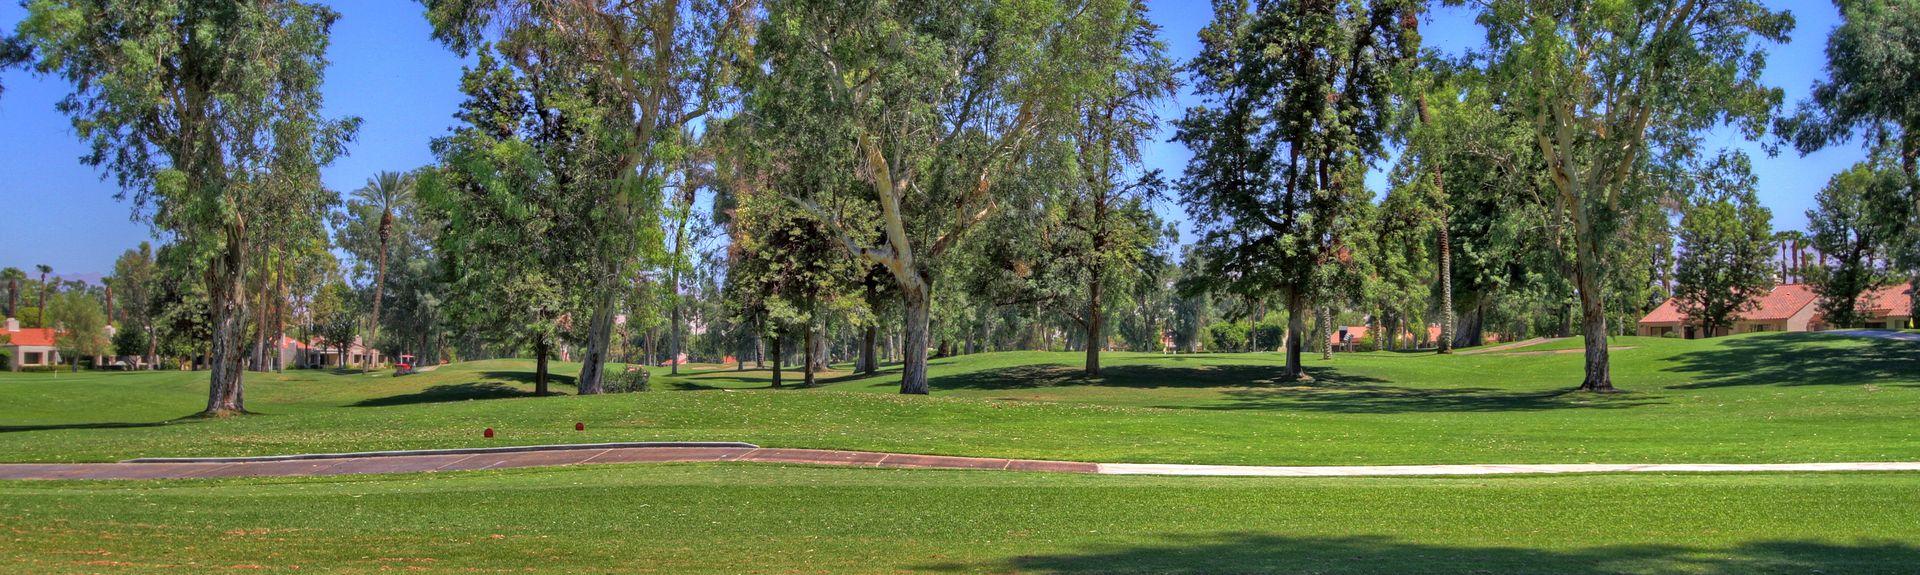 Club de golf Desert Dunes, Palm Springs, California, Estados Unidos